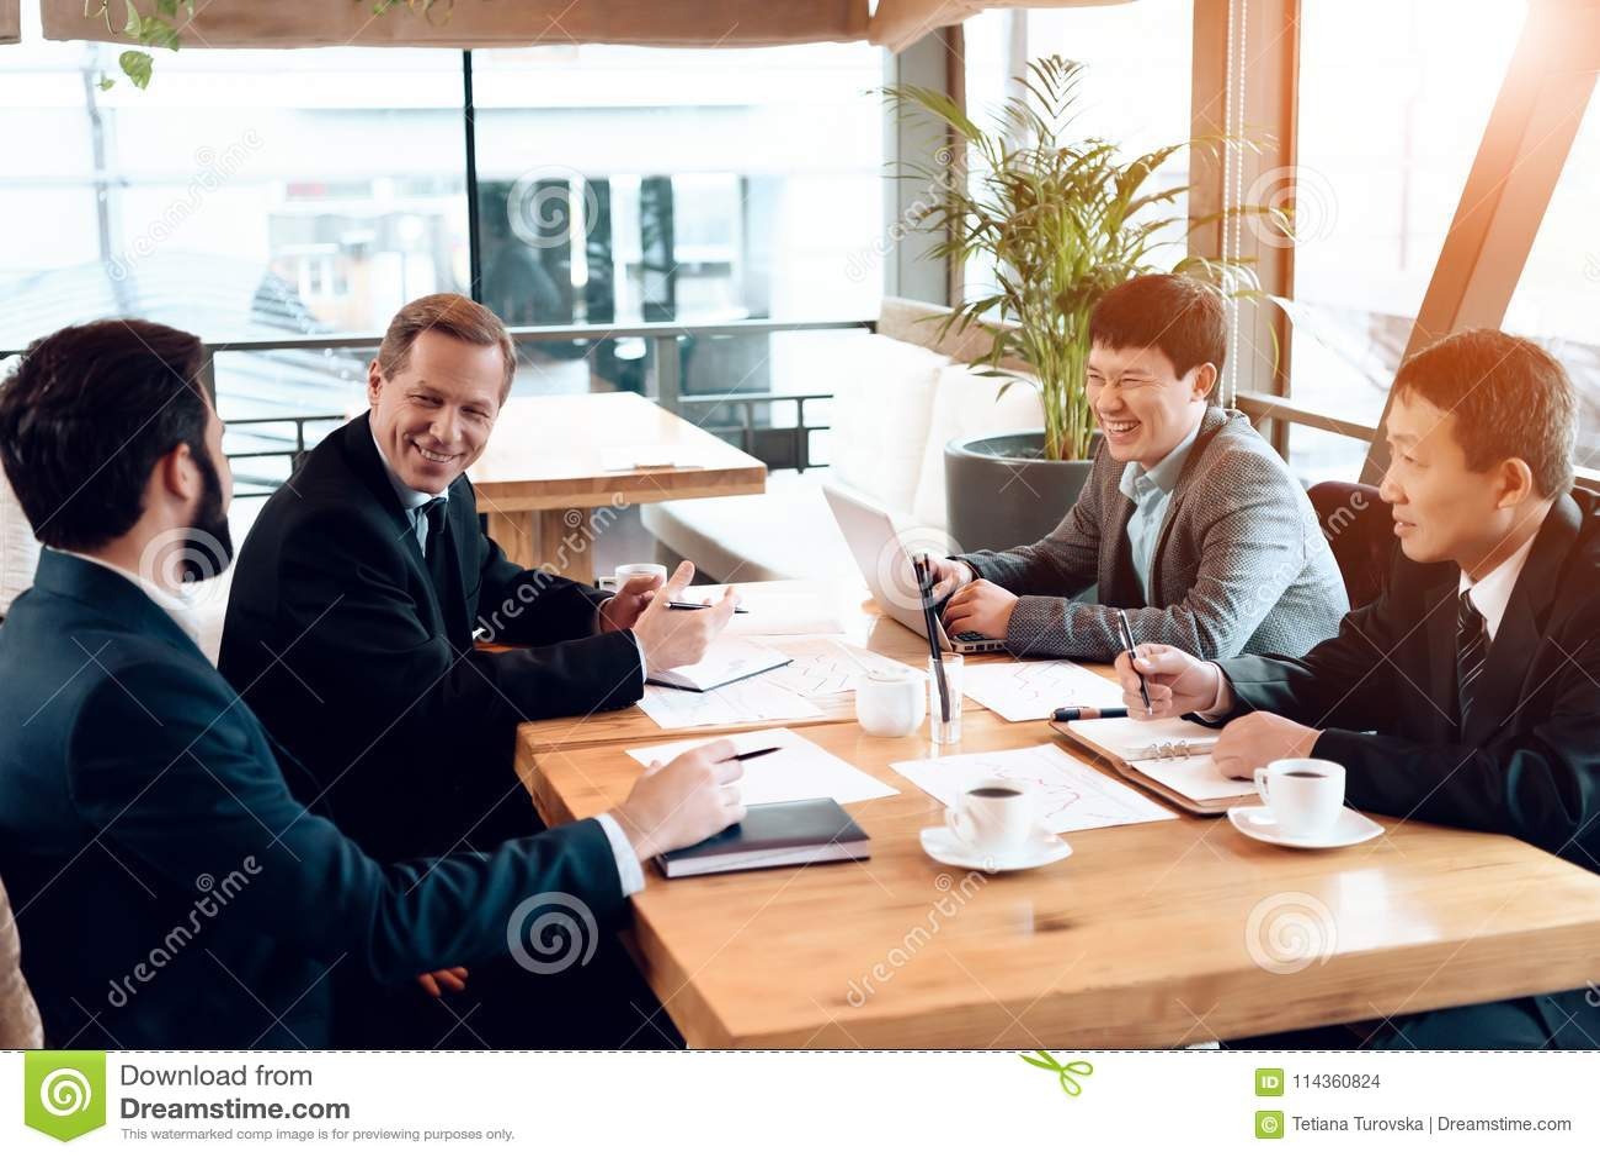 Vergadering met Chinese zakenlieden in restaurant Zij zitten achter lijst